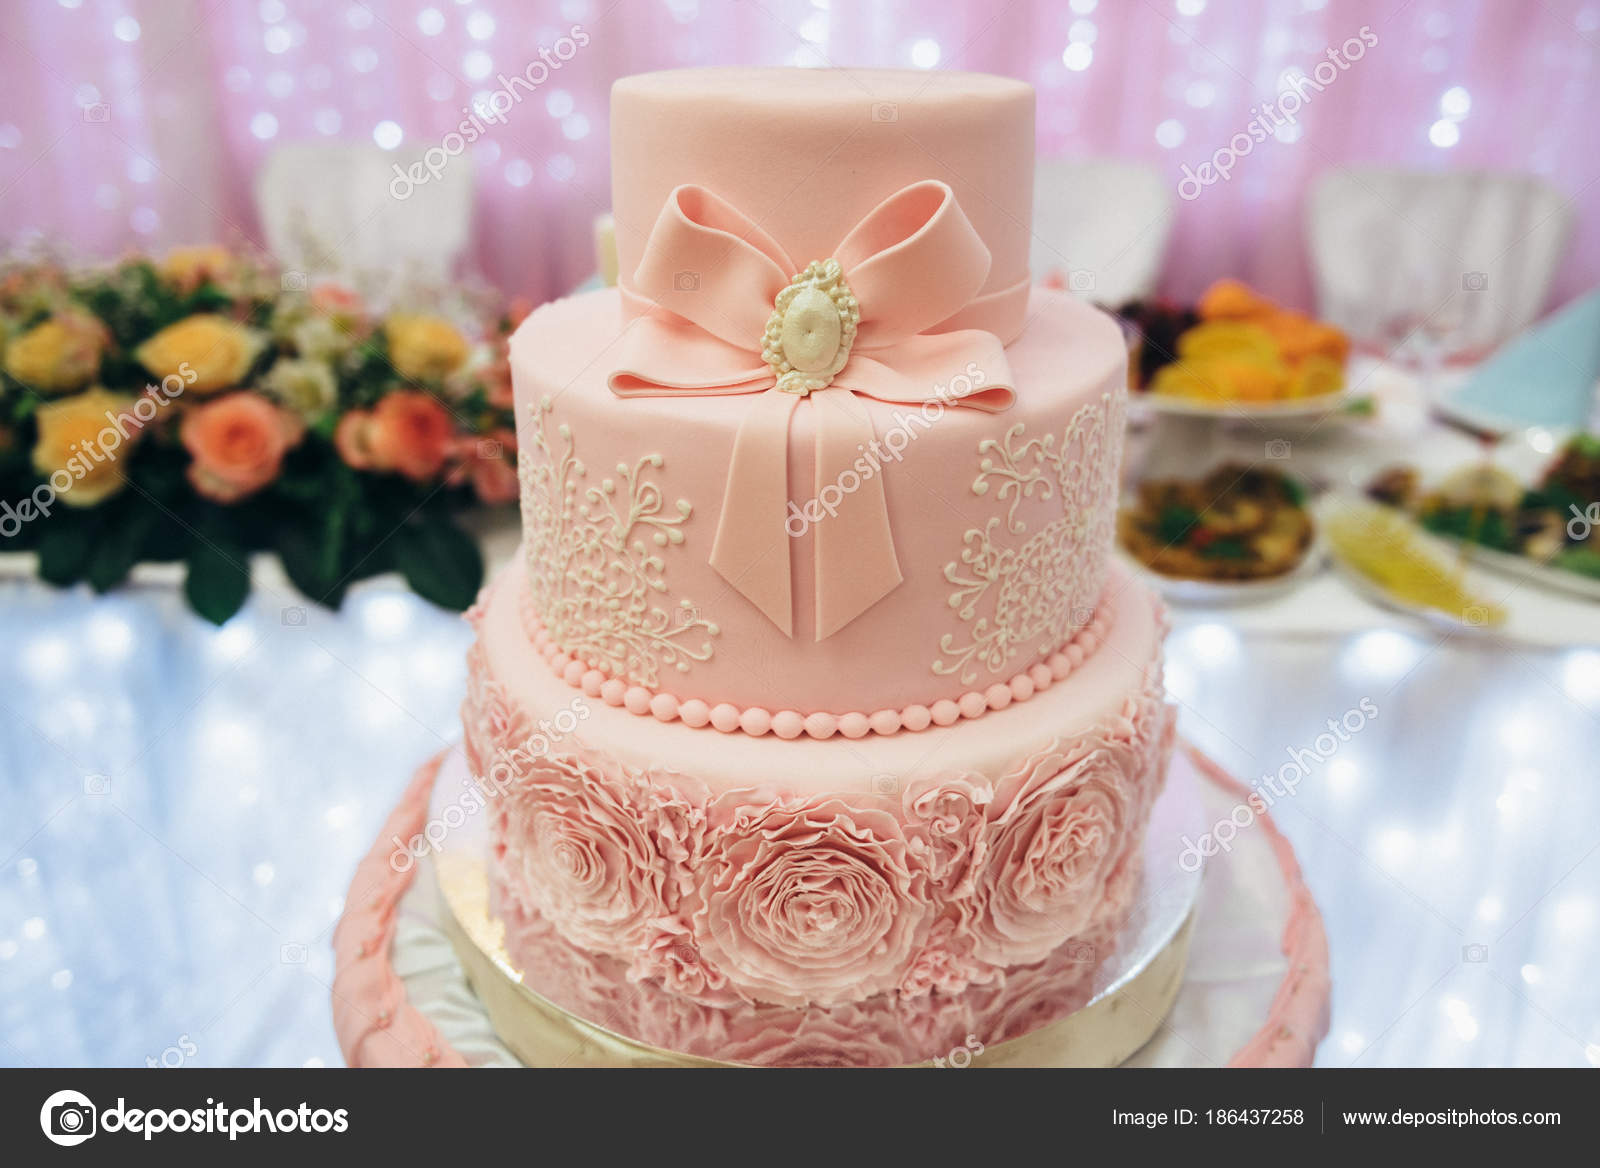 Imágenes: Pasteles Bonitos Para Cumpleaños